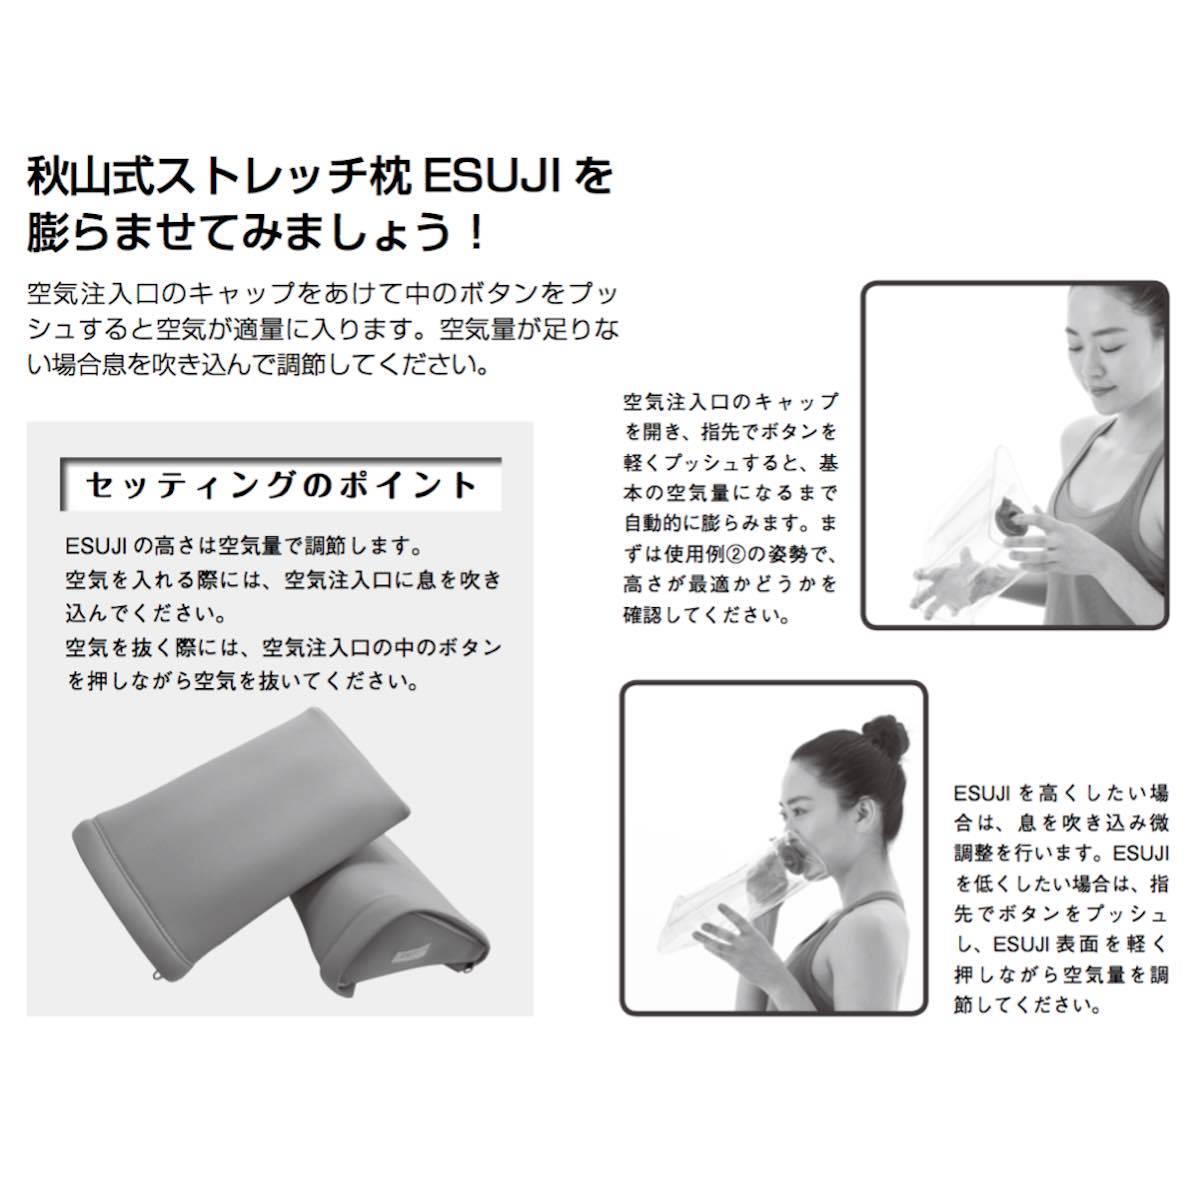 「新しい生活習慣」応援セール開催!!秋山式ストレッチ枕『ESUJI(エスジ・S字)』(枕・DVD・解説本セット)